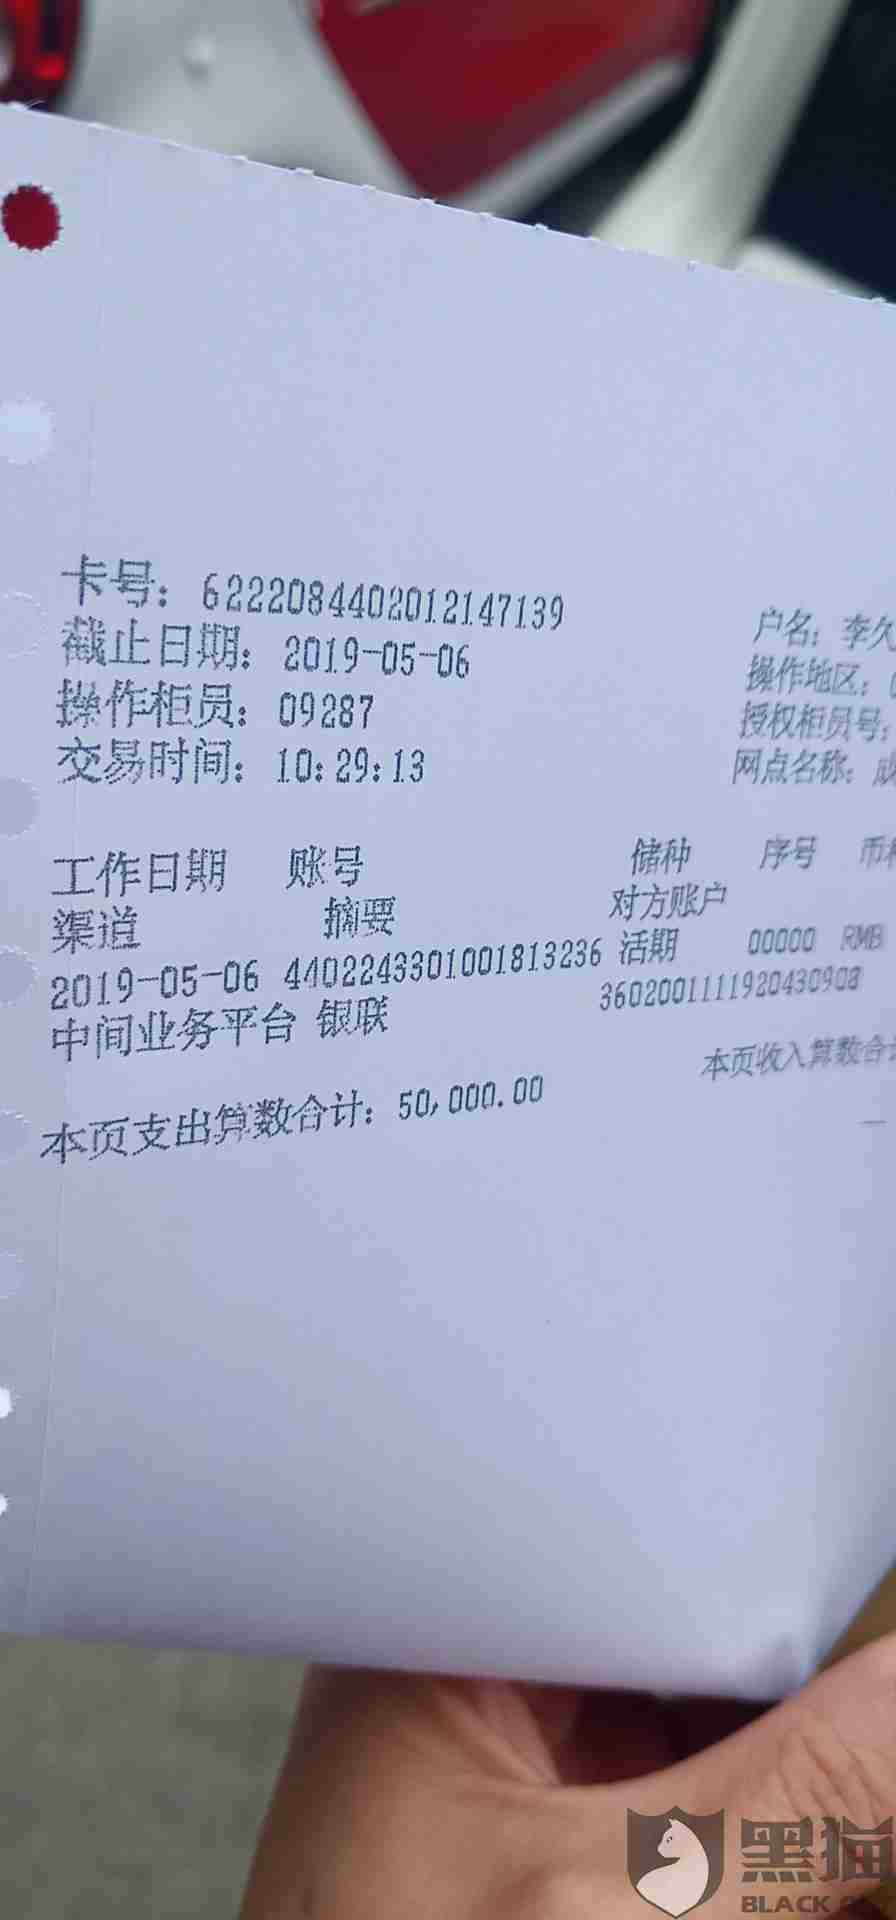 黑猫投诉:中国银联股份有限公司广东分公司取走我工商银行卡上五万块钱,要求退给我